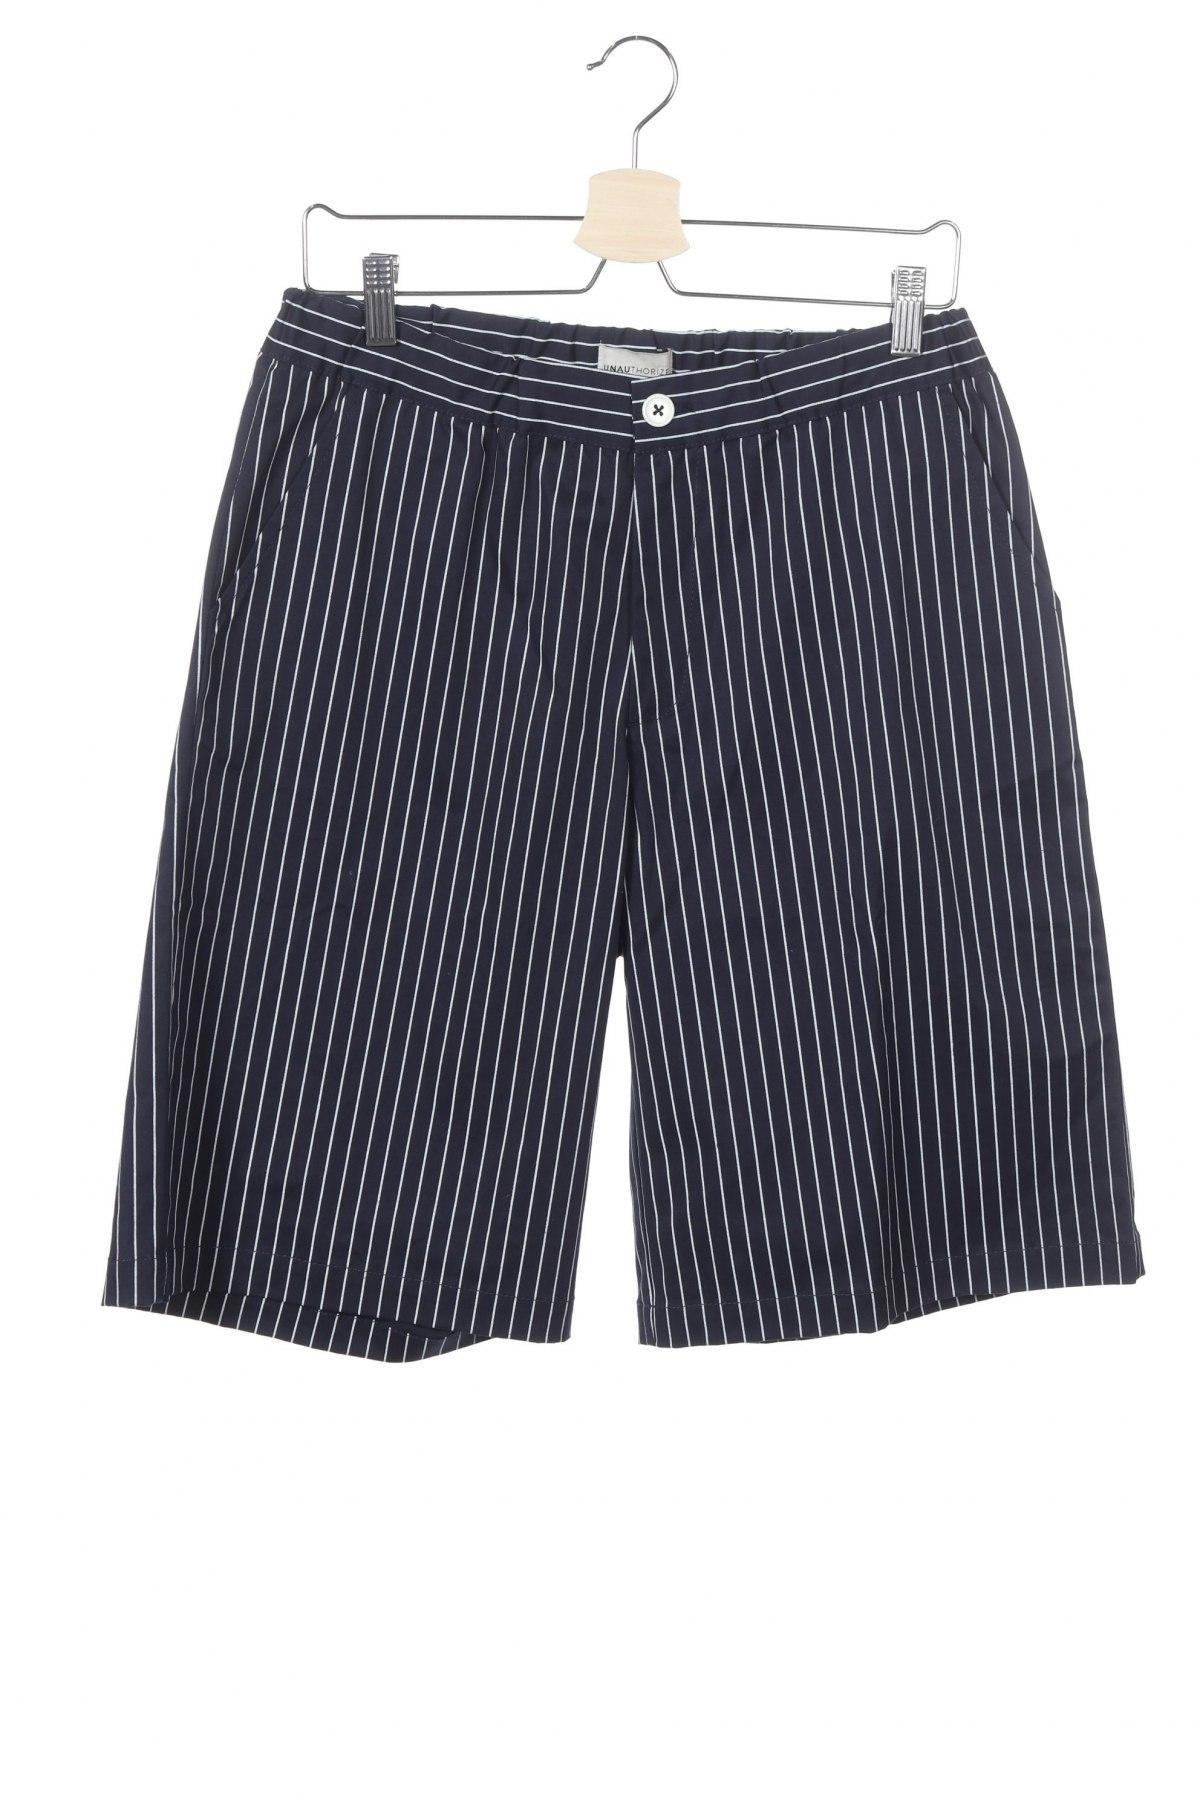 Παιδικό κοντό παντελόνι Unauthorized, Μέγεθος 15-18y/ 170-176 εκ., Χρώμα Μπλέ, 97% βαμβάκι, 3% ελαστάνη, Τιμή 12,06€